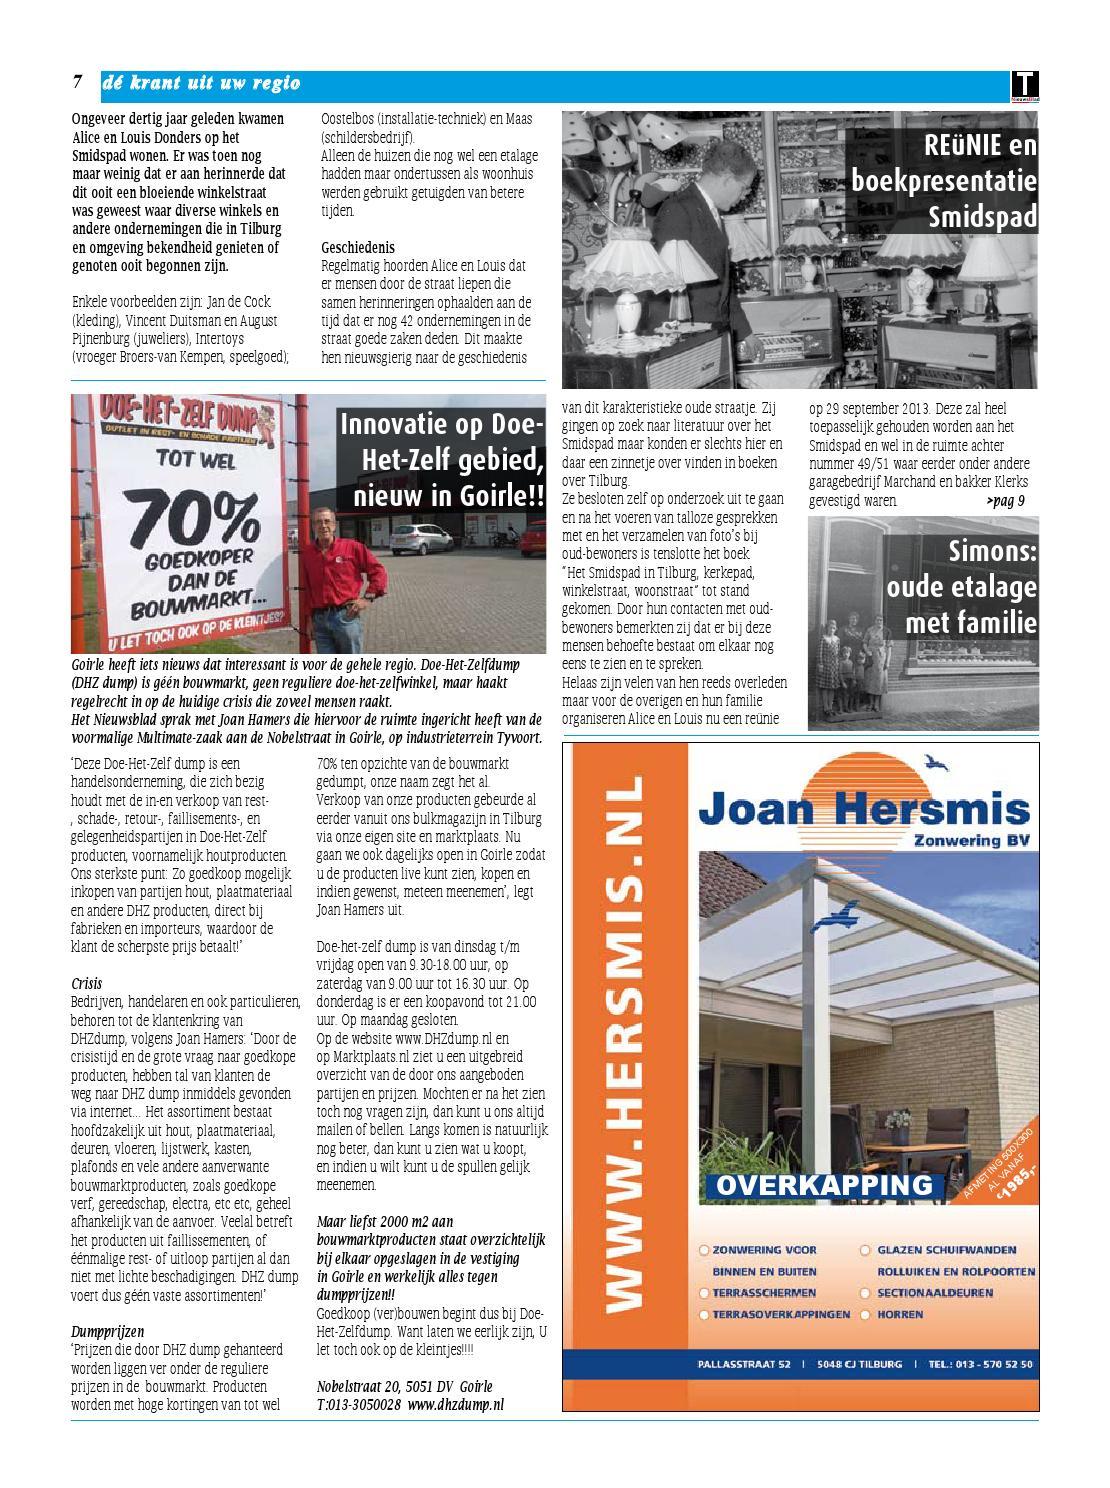 Doe Het Zelf Dump Goirle.Tnieuwsblad Sept By Gert Jan Van De Sanden Issuu